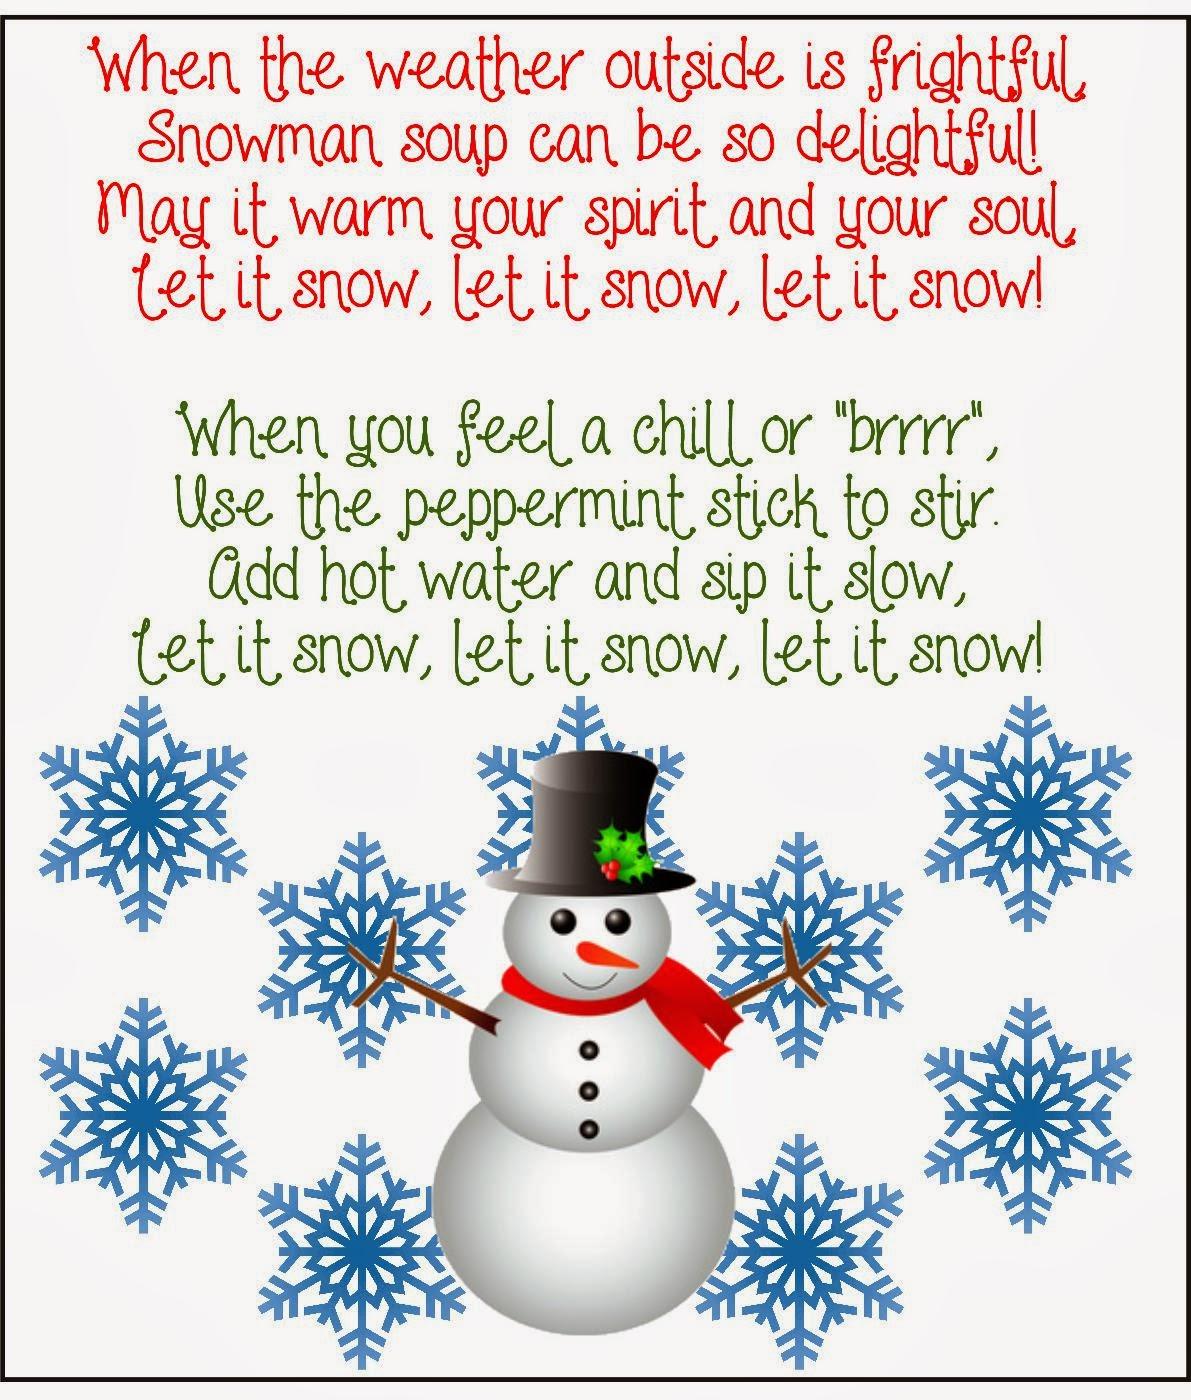 Stay N Play Preschool Snowman Soup Snowman Poop And